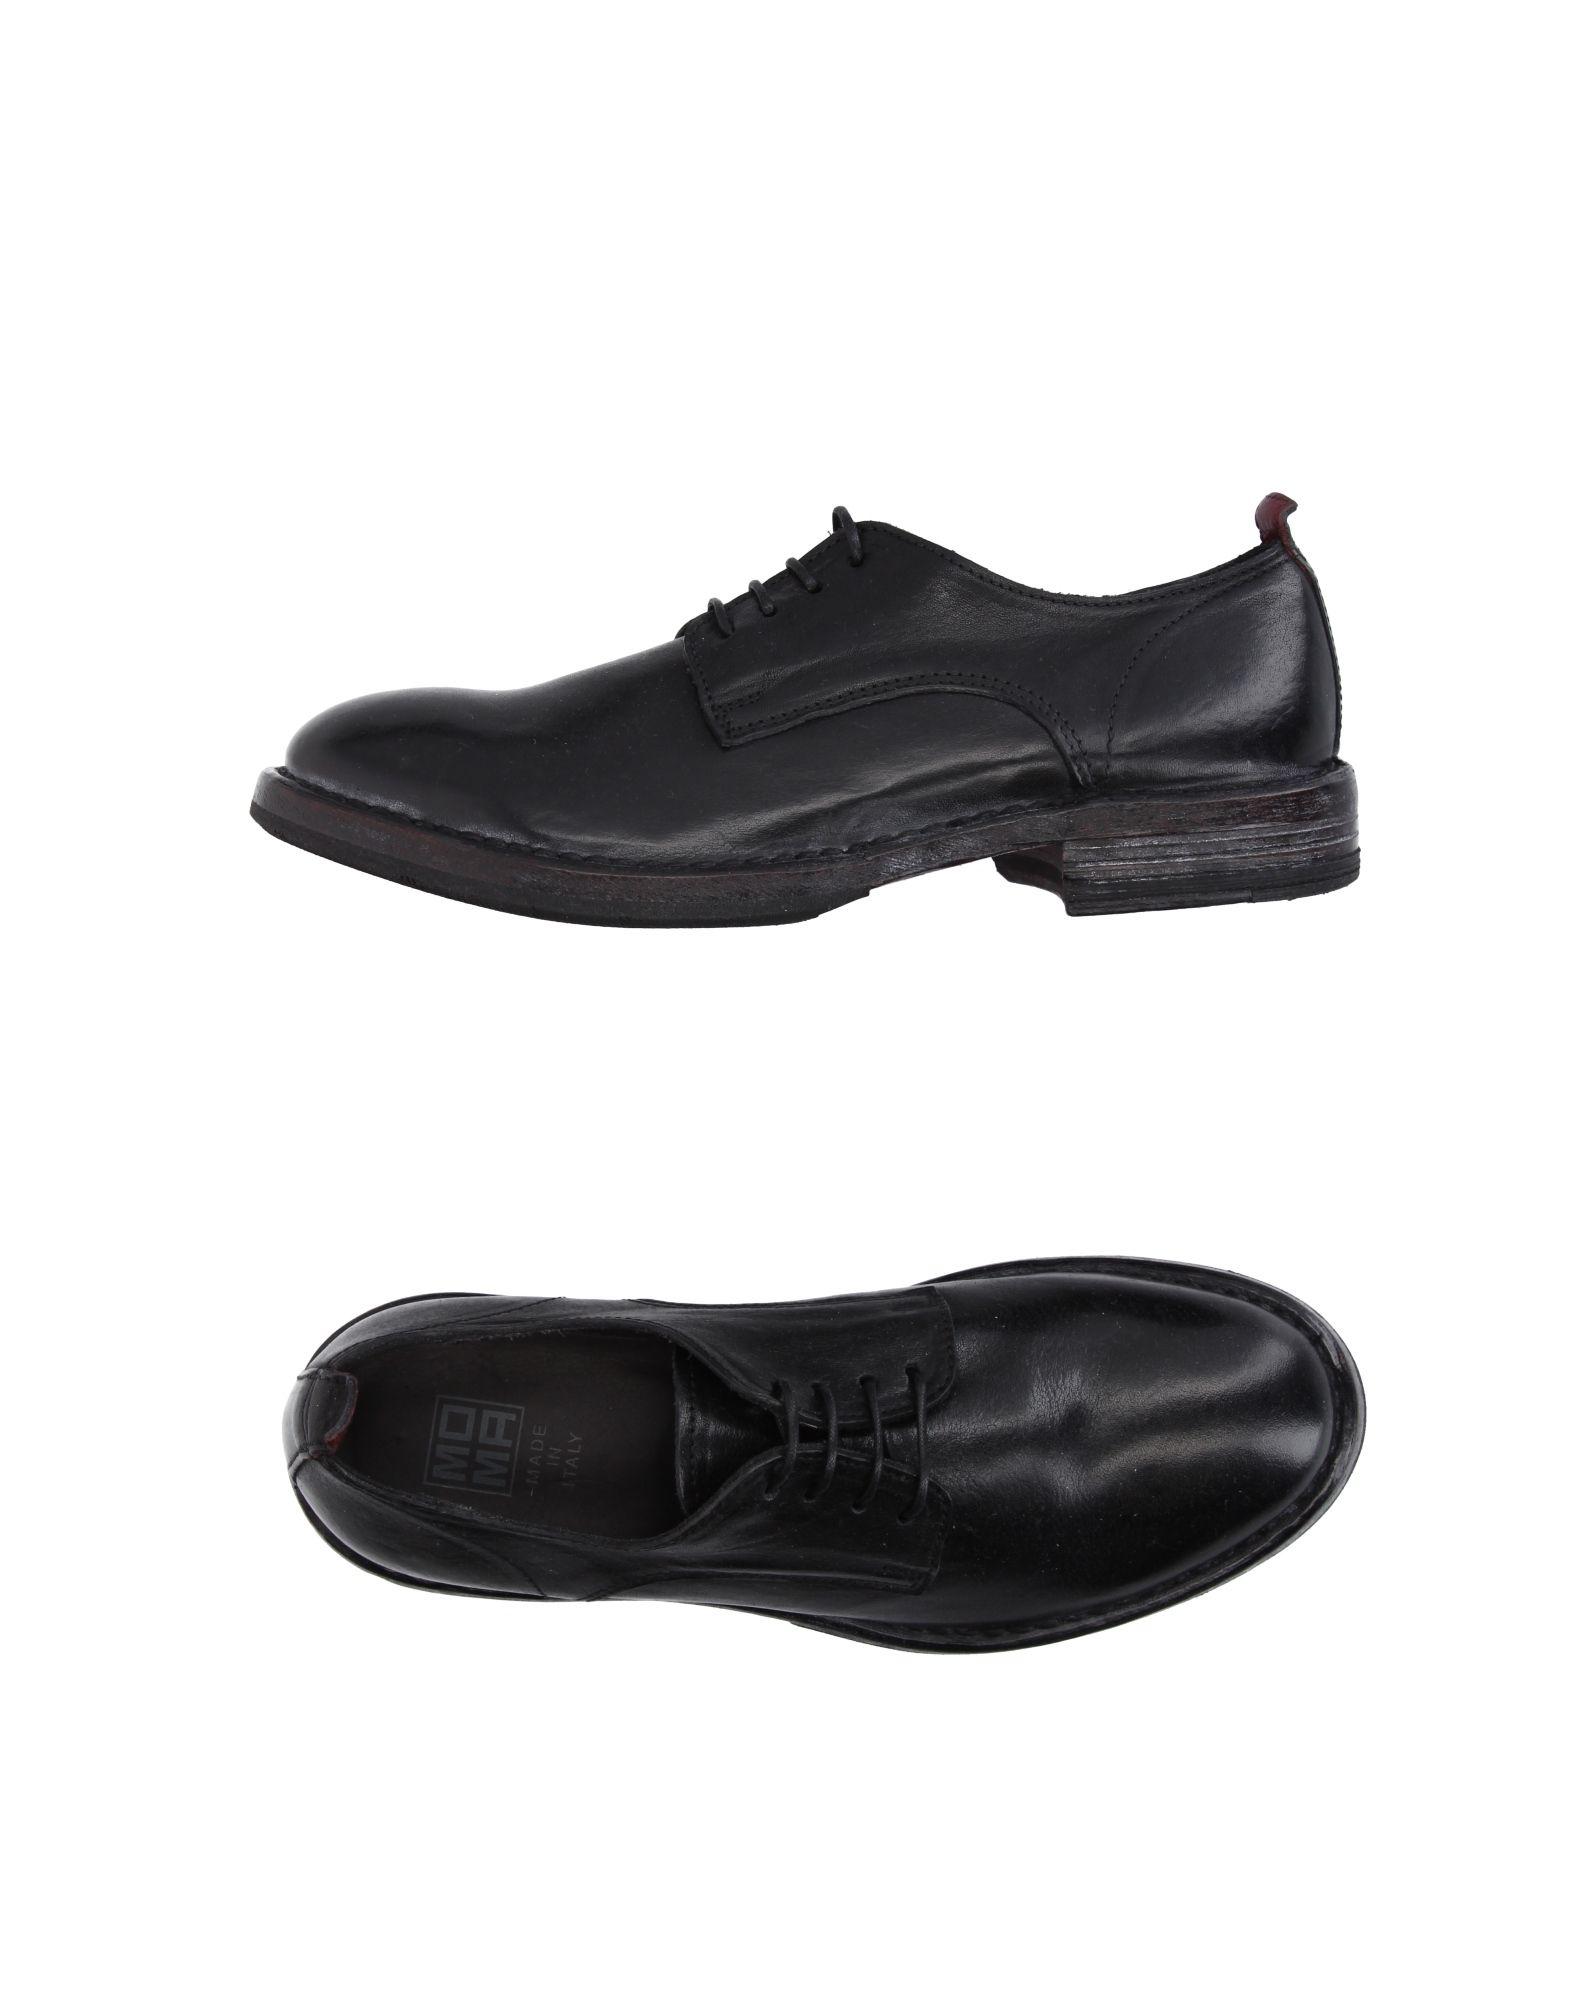 Moma Schnürschuhe Damen  11218738MFGut aussehende strapazierfähige Schuhe